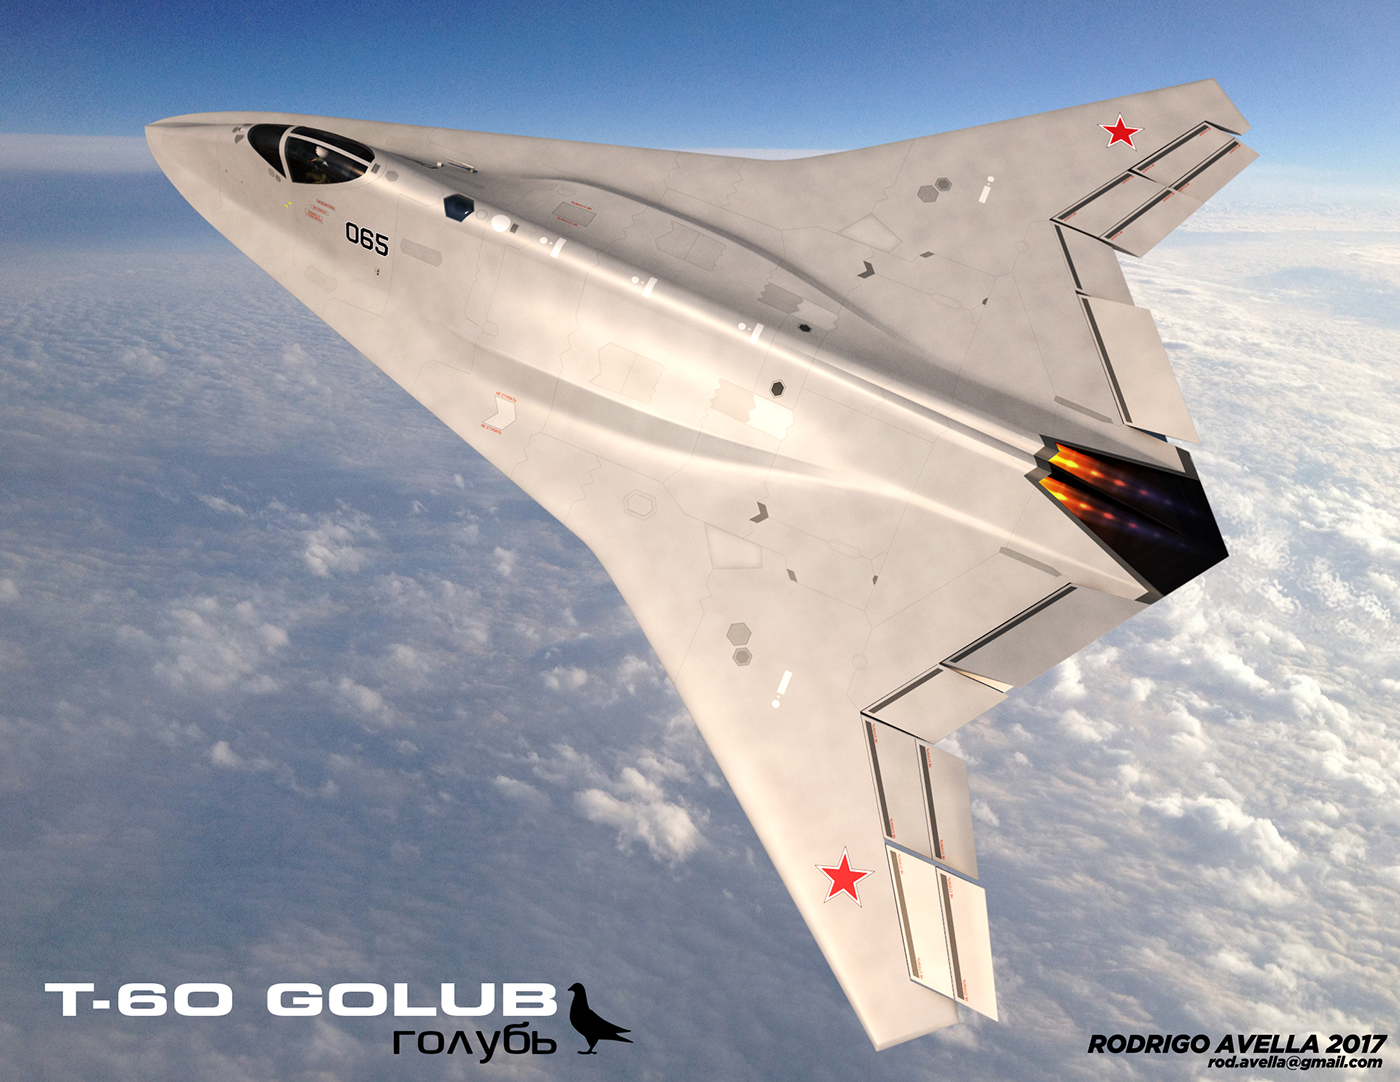 O Su-57 deve ser considerado como uma aeronave com potencial de exportação, e os esforços devem se concentrar na criação de um caça da 6ª geração!!!!!!